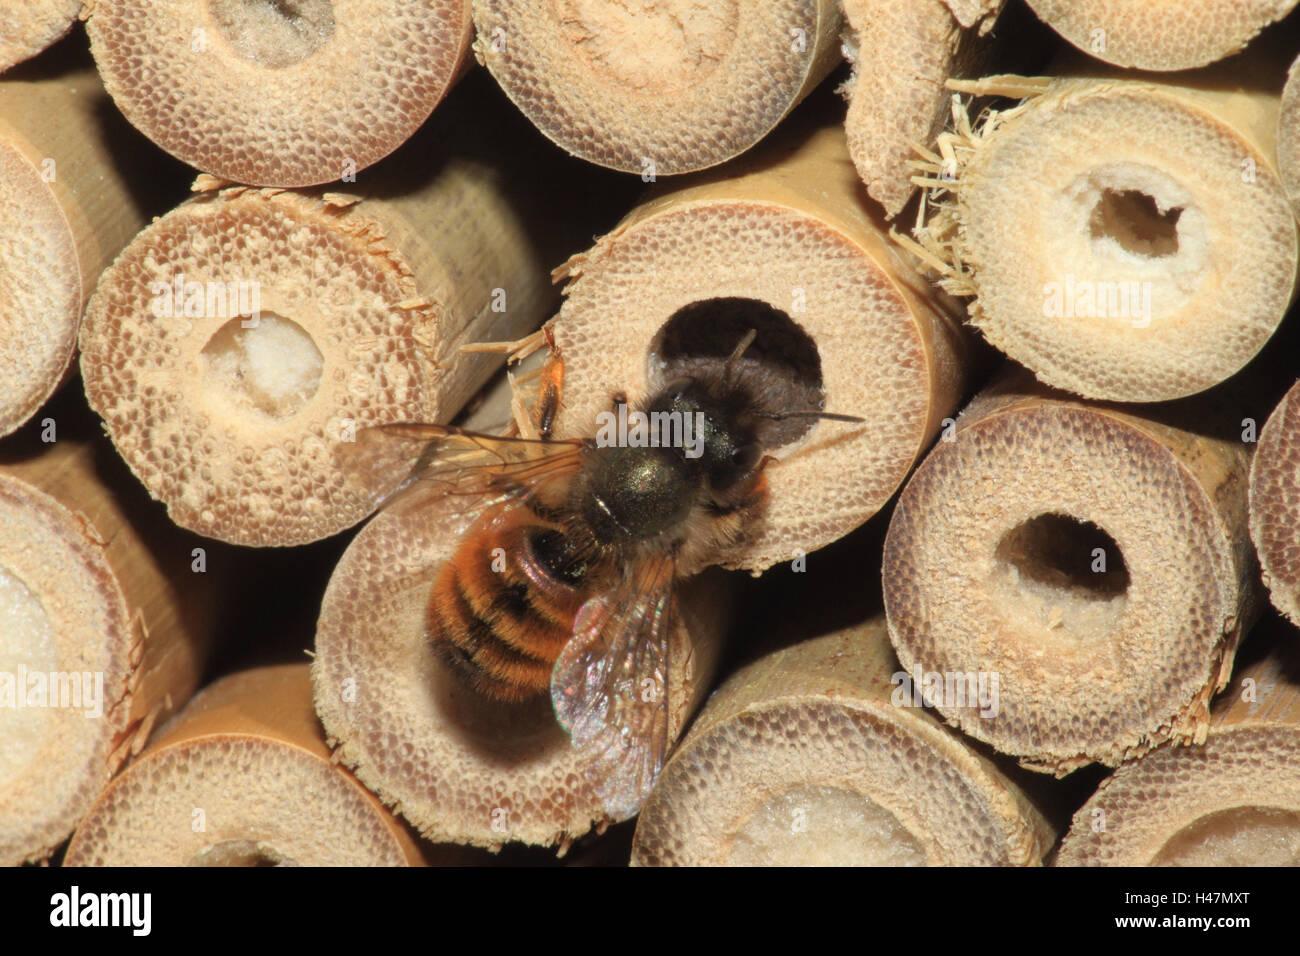 Muraglia difensiva bee, fossa di covata, medium close-up, formato orizzontale, insetti, animali, animale selvatico, Immagini Stock